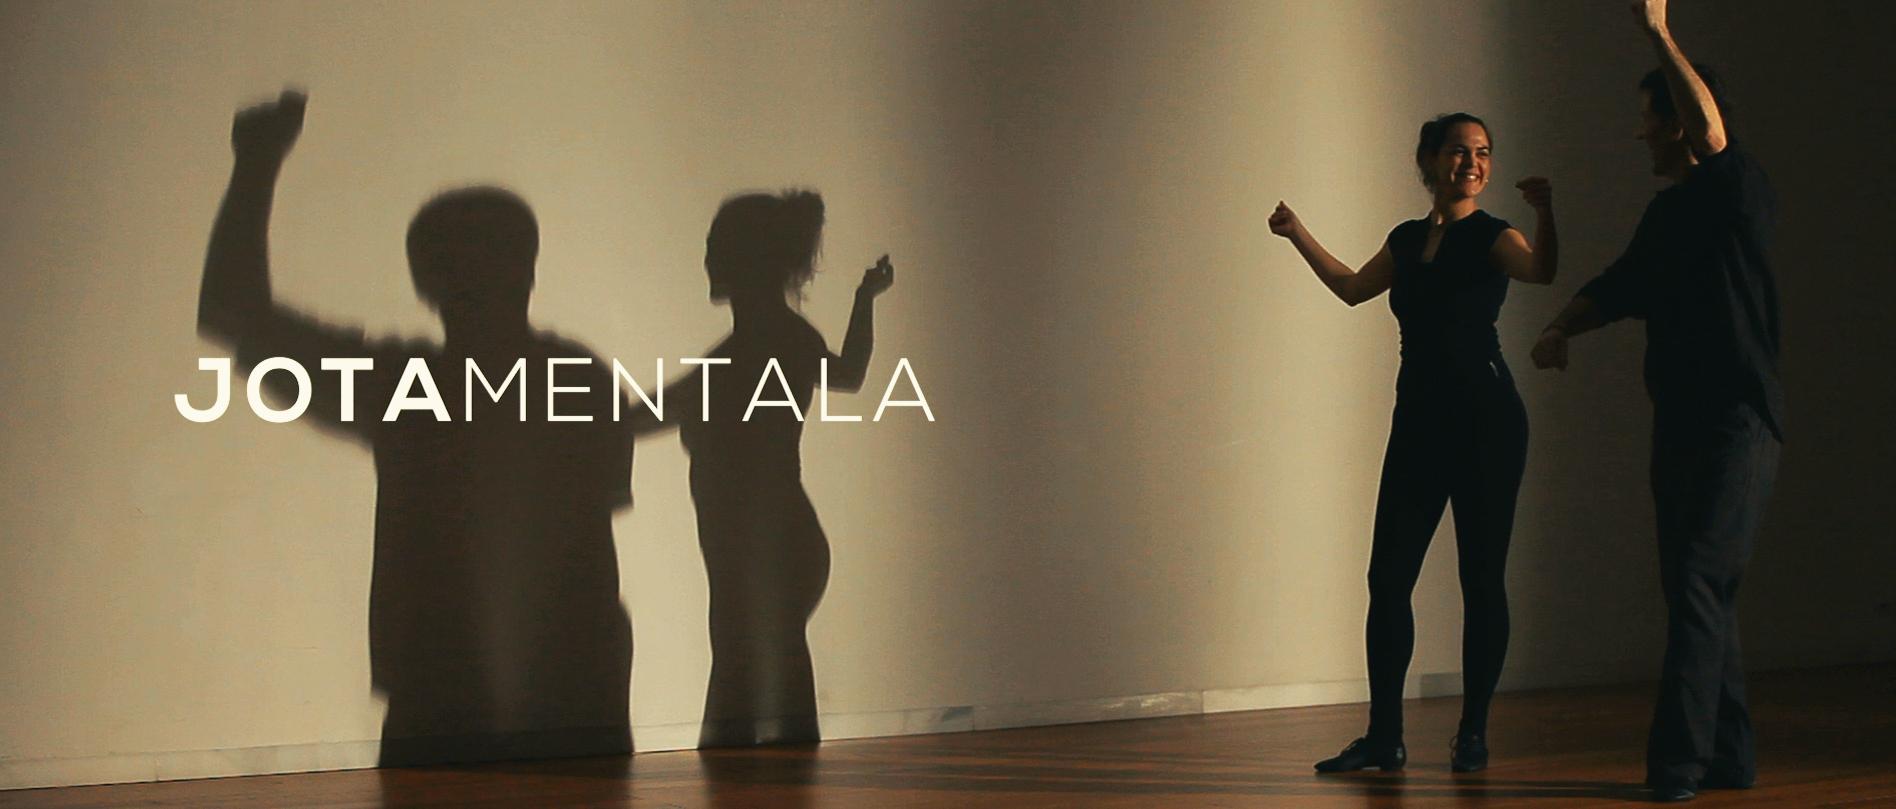 """Aiko Taldeak """"Jotamentala"""" estreinatuko du, jotari, 'erabateko' dantzari, omenaldia eskaintzen dion dokumentala"""